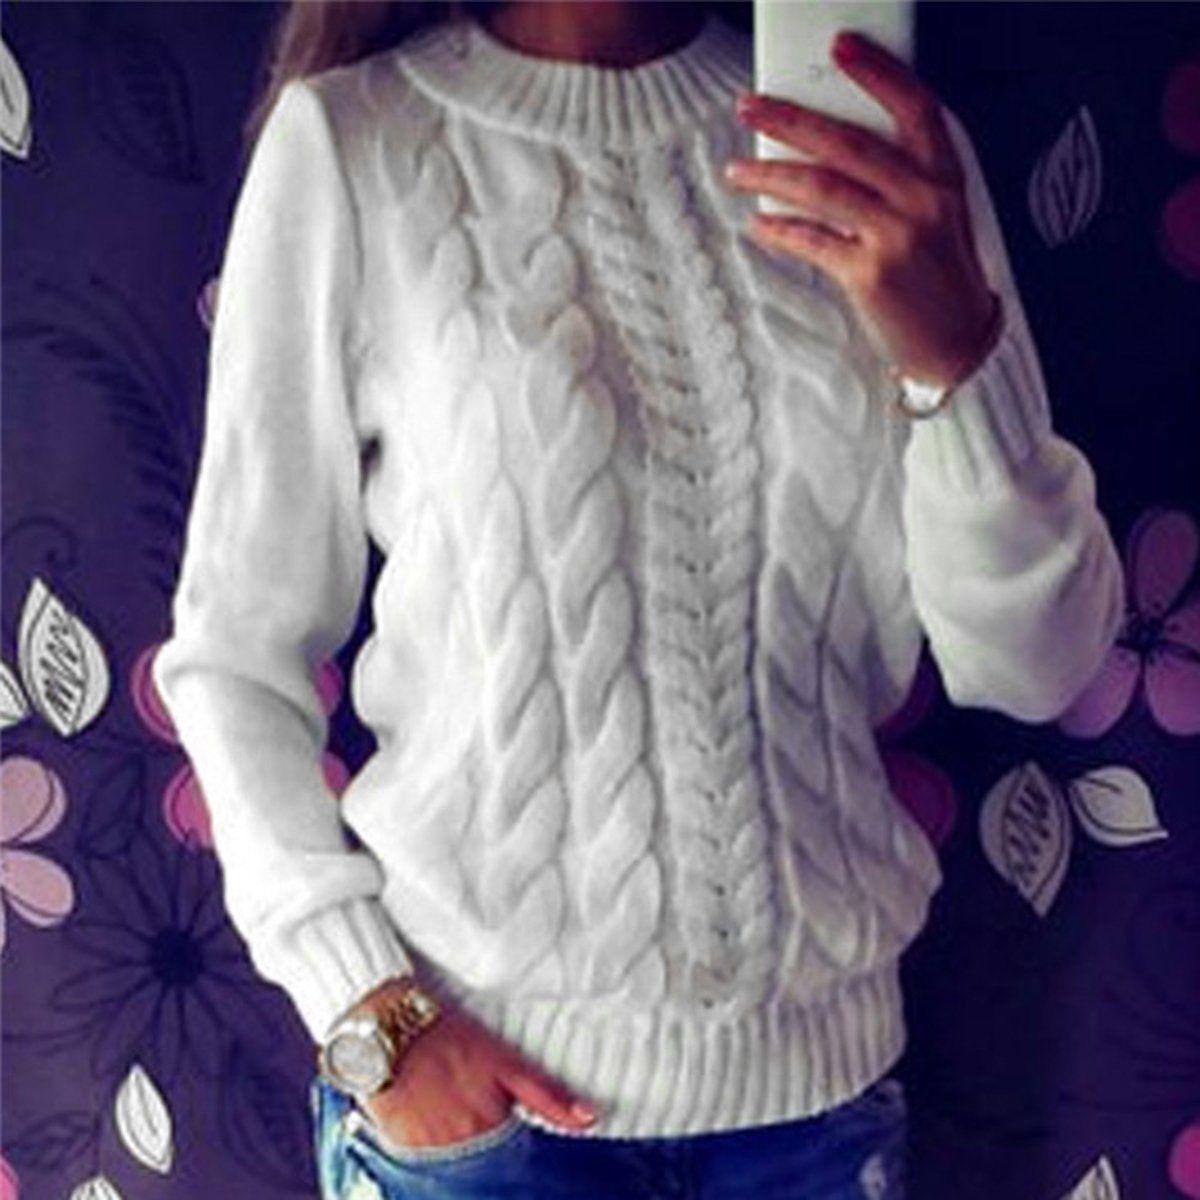 Women's Long Sleeve Loose Cardigan Knitted Sweater Jumper Knitwear Outwear Tops